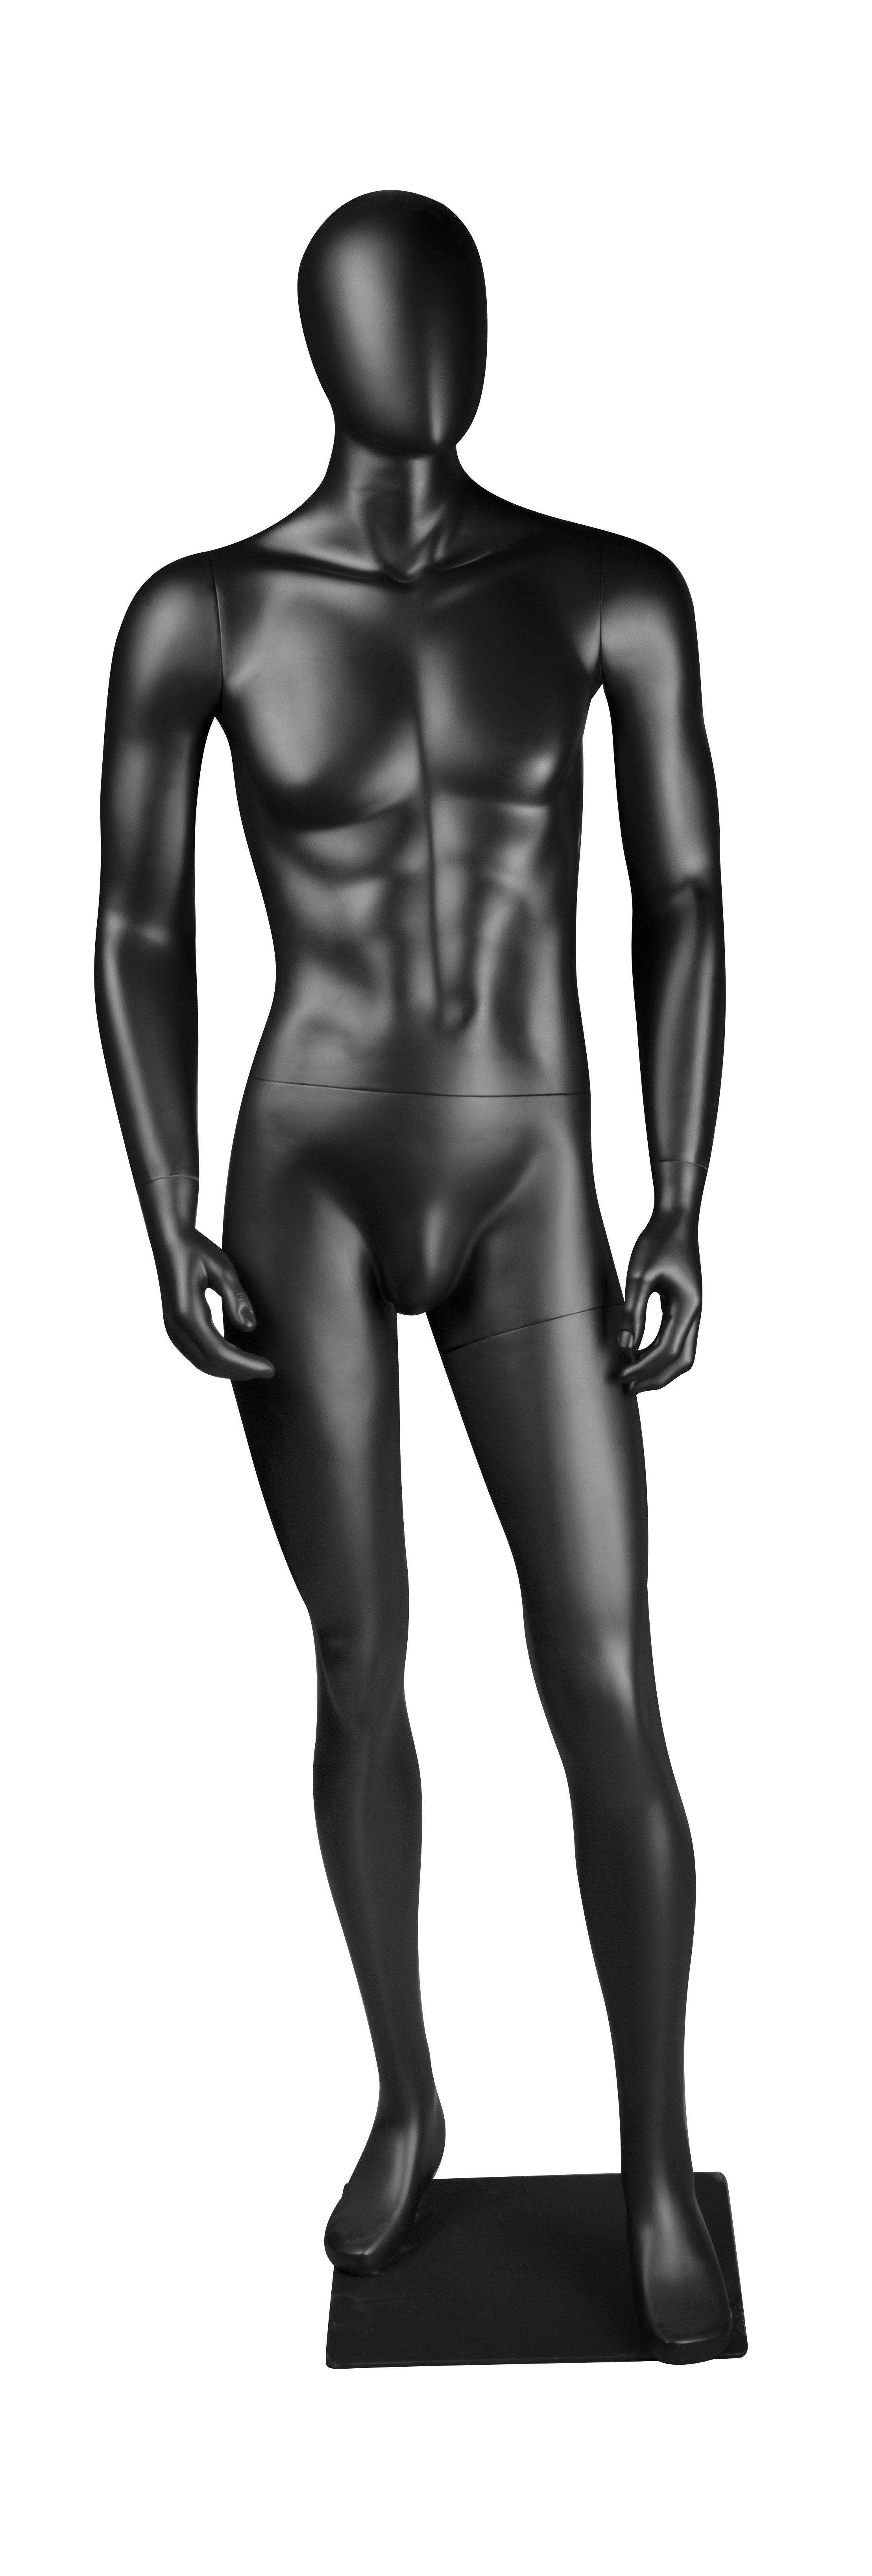 figurína pánská, nakročená vpřed, černá matná